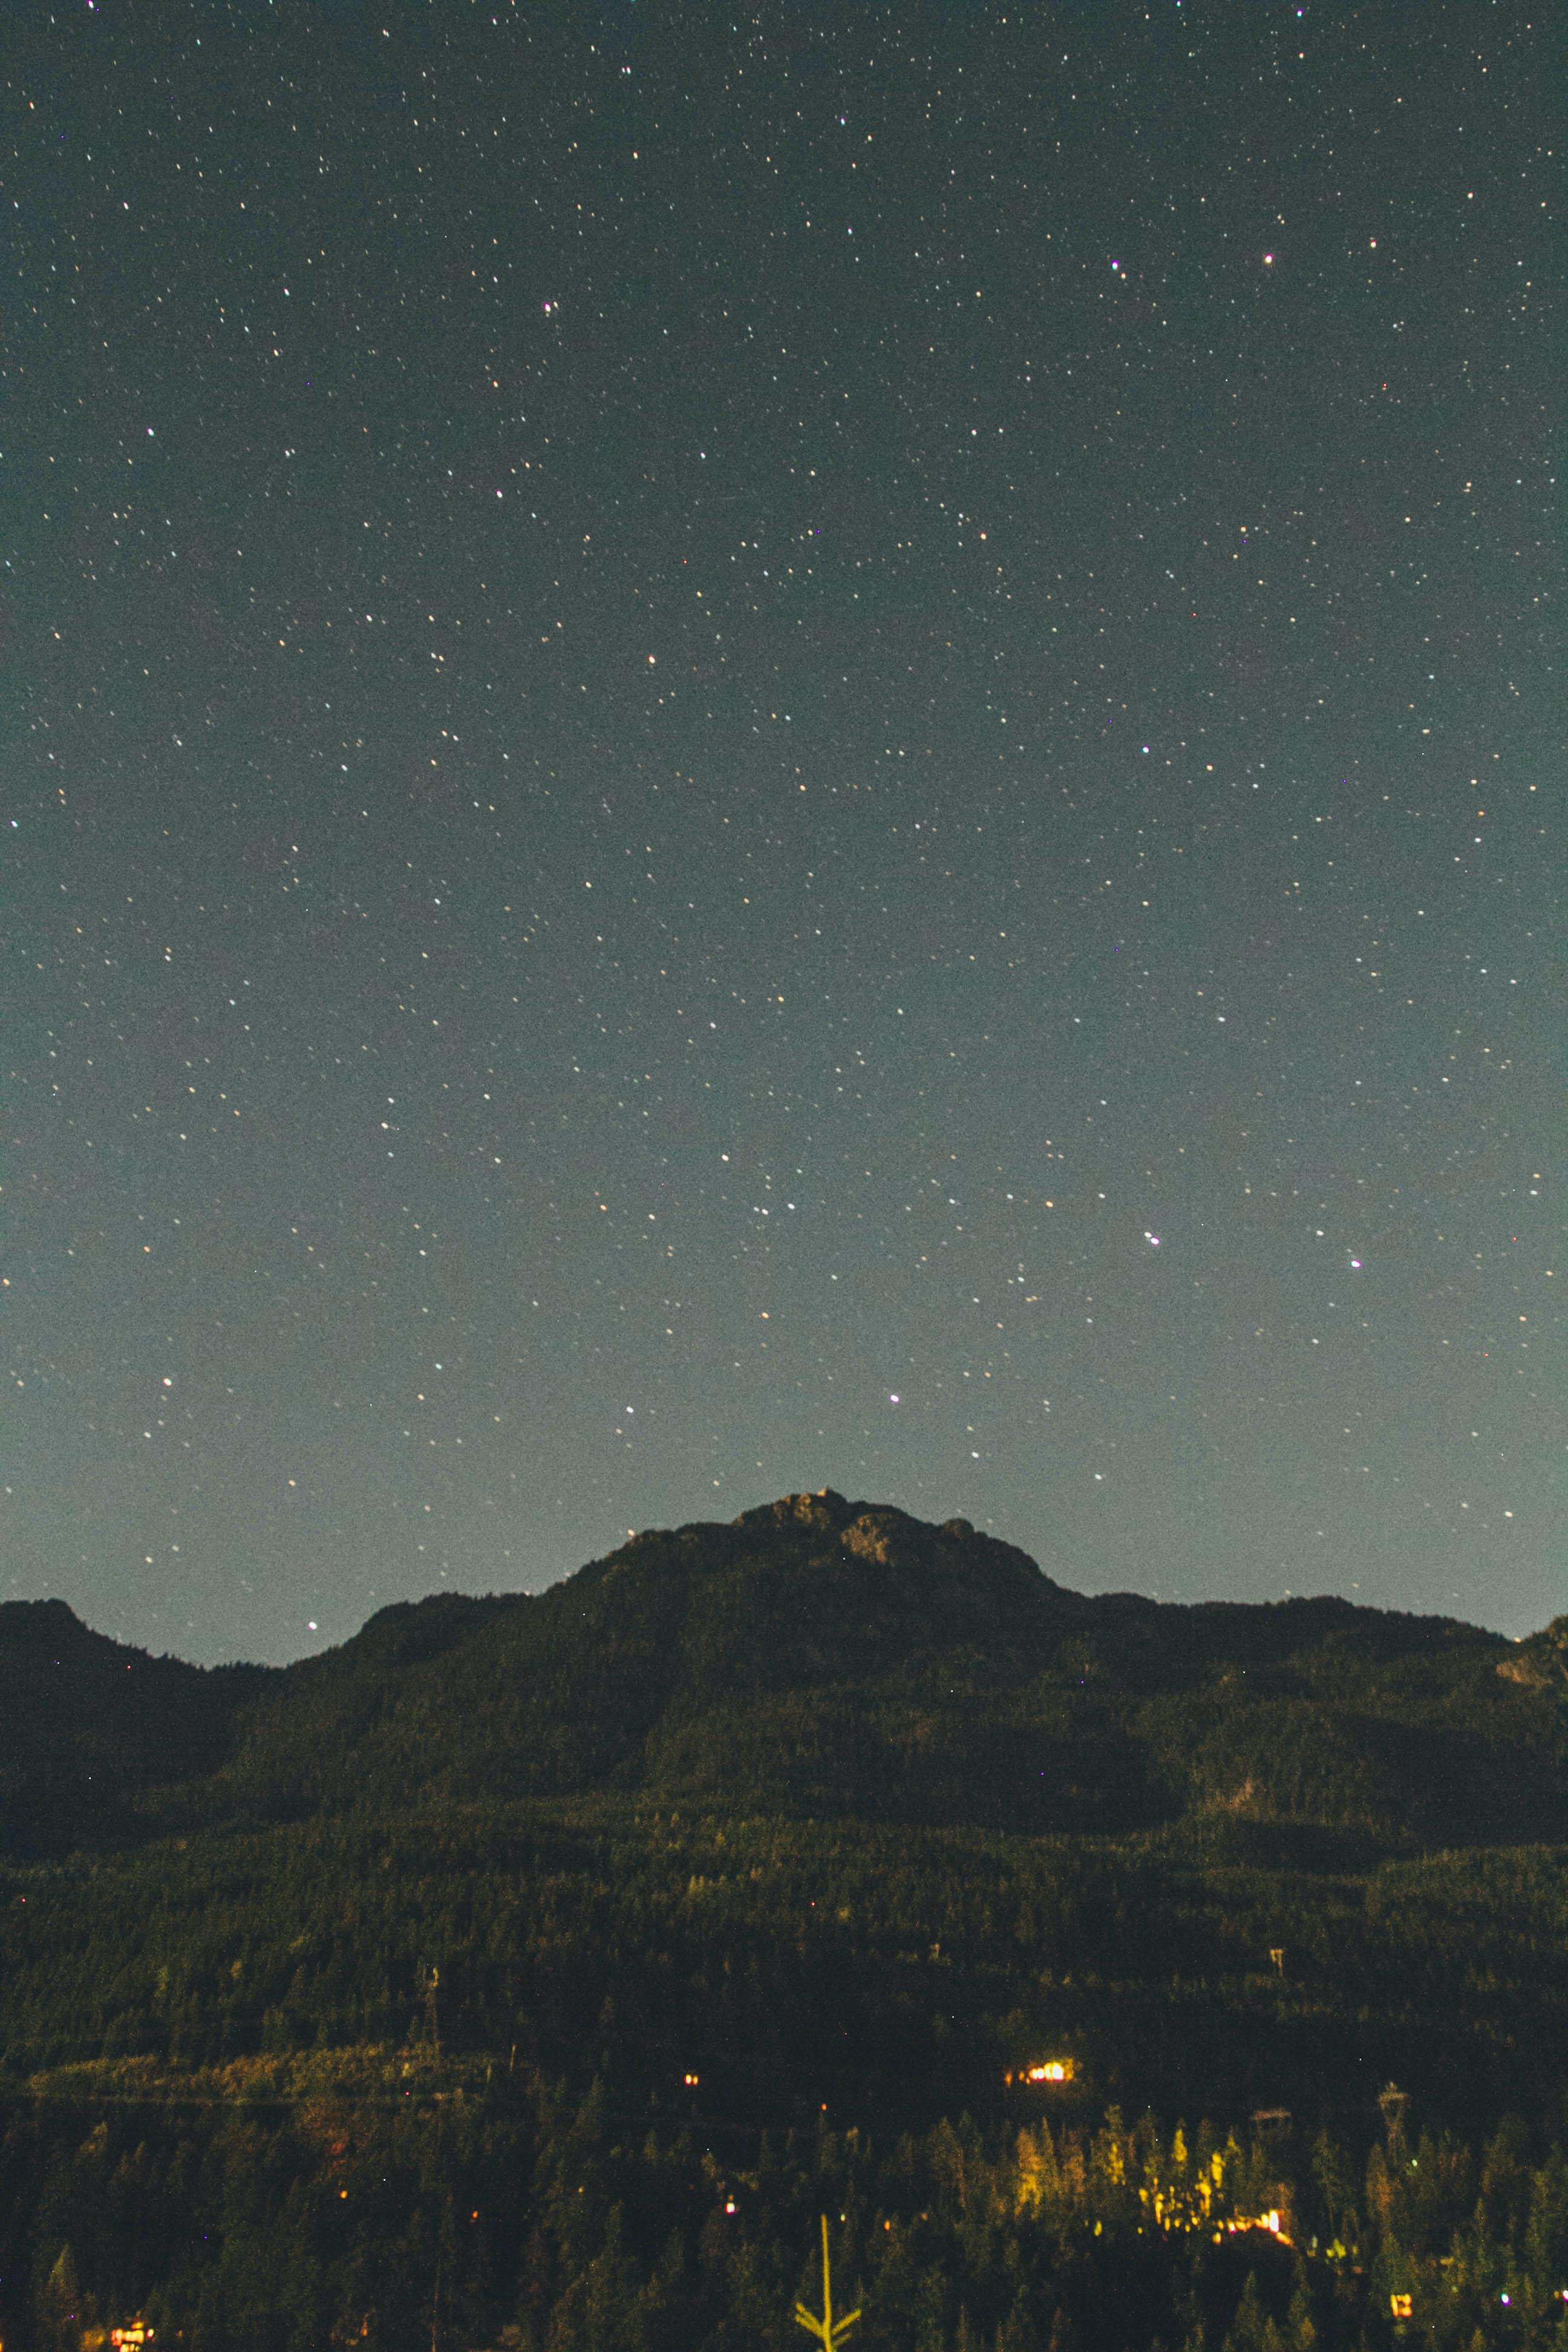 mountain under stars